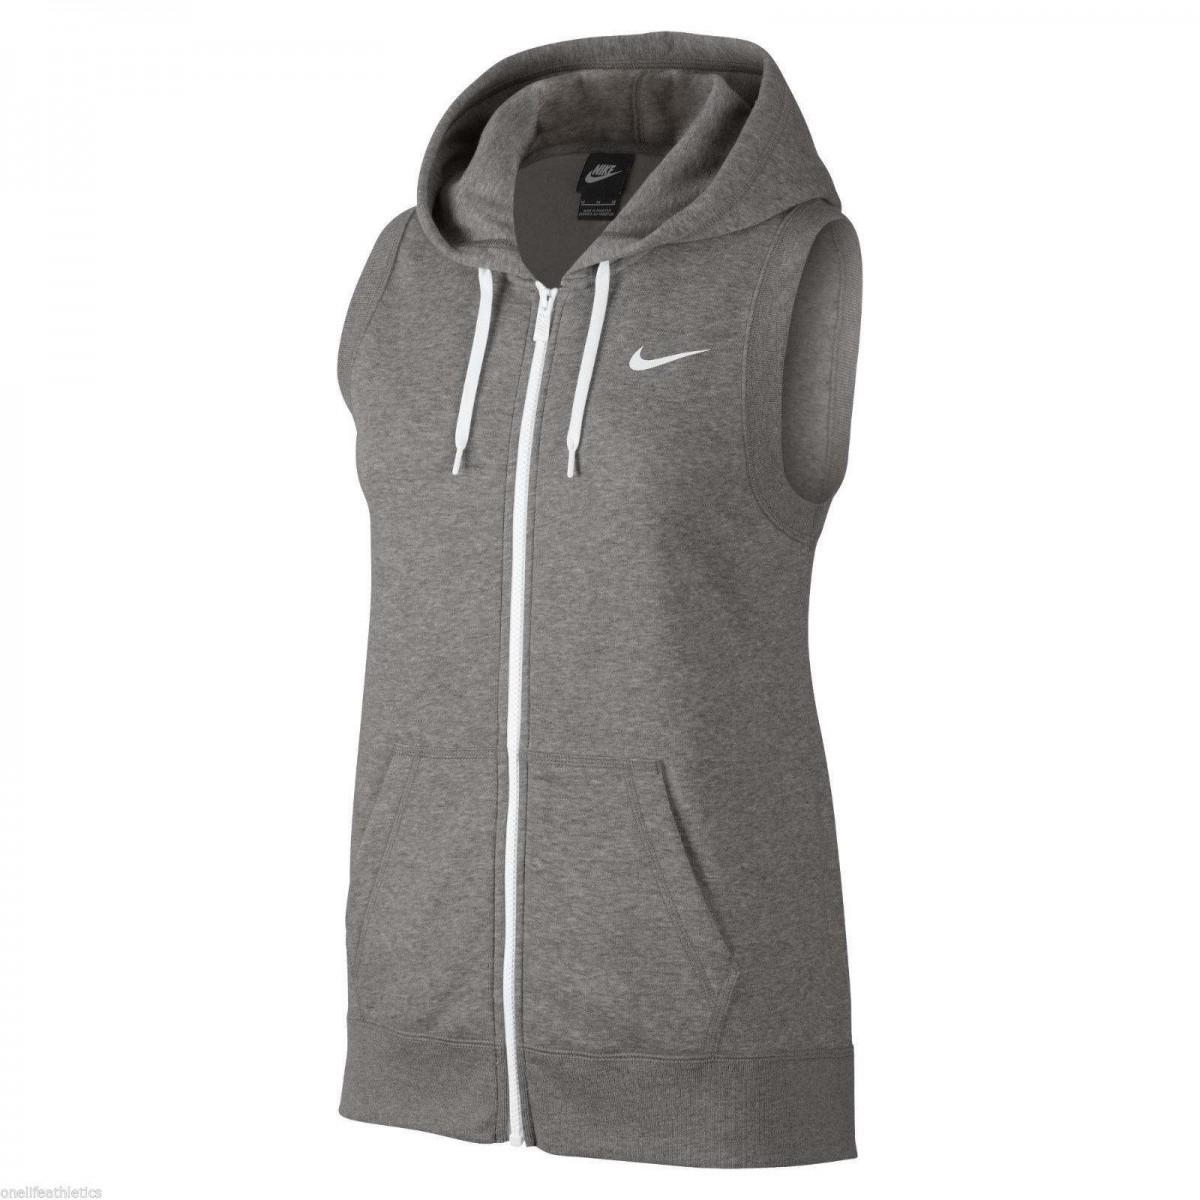 5ad74af92080d Colete Nike Club Fz - Feminino